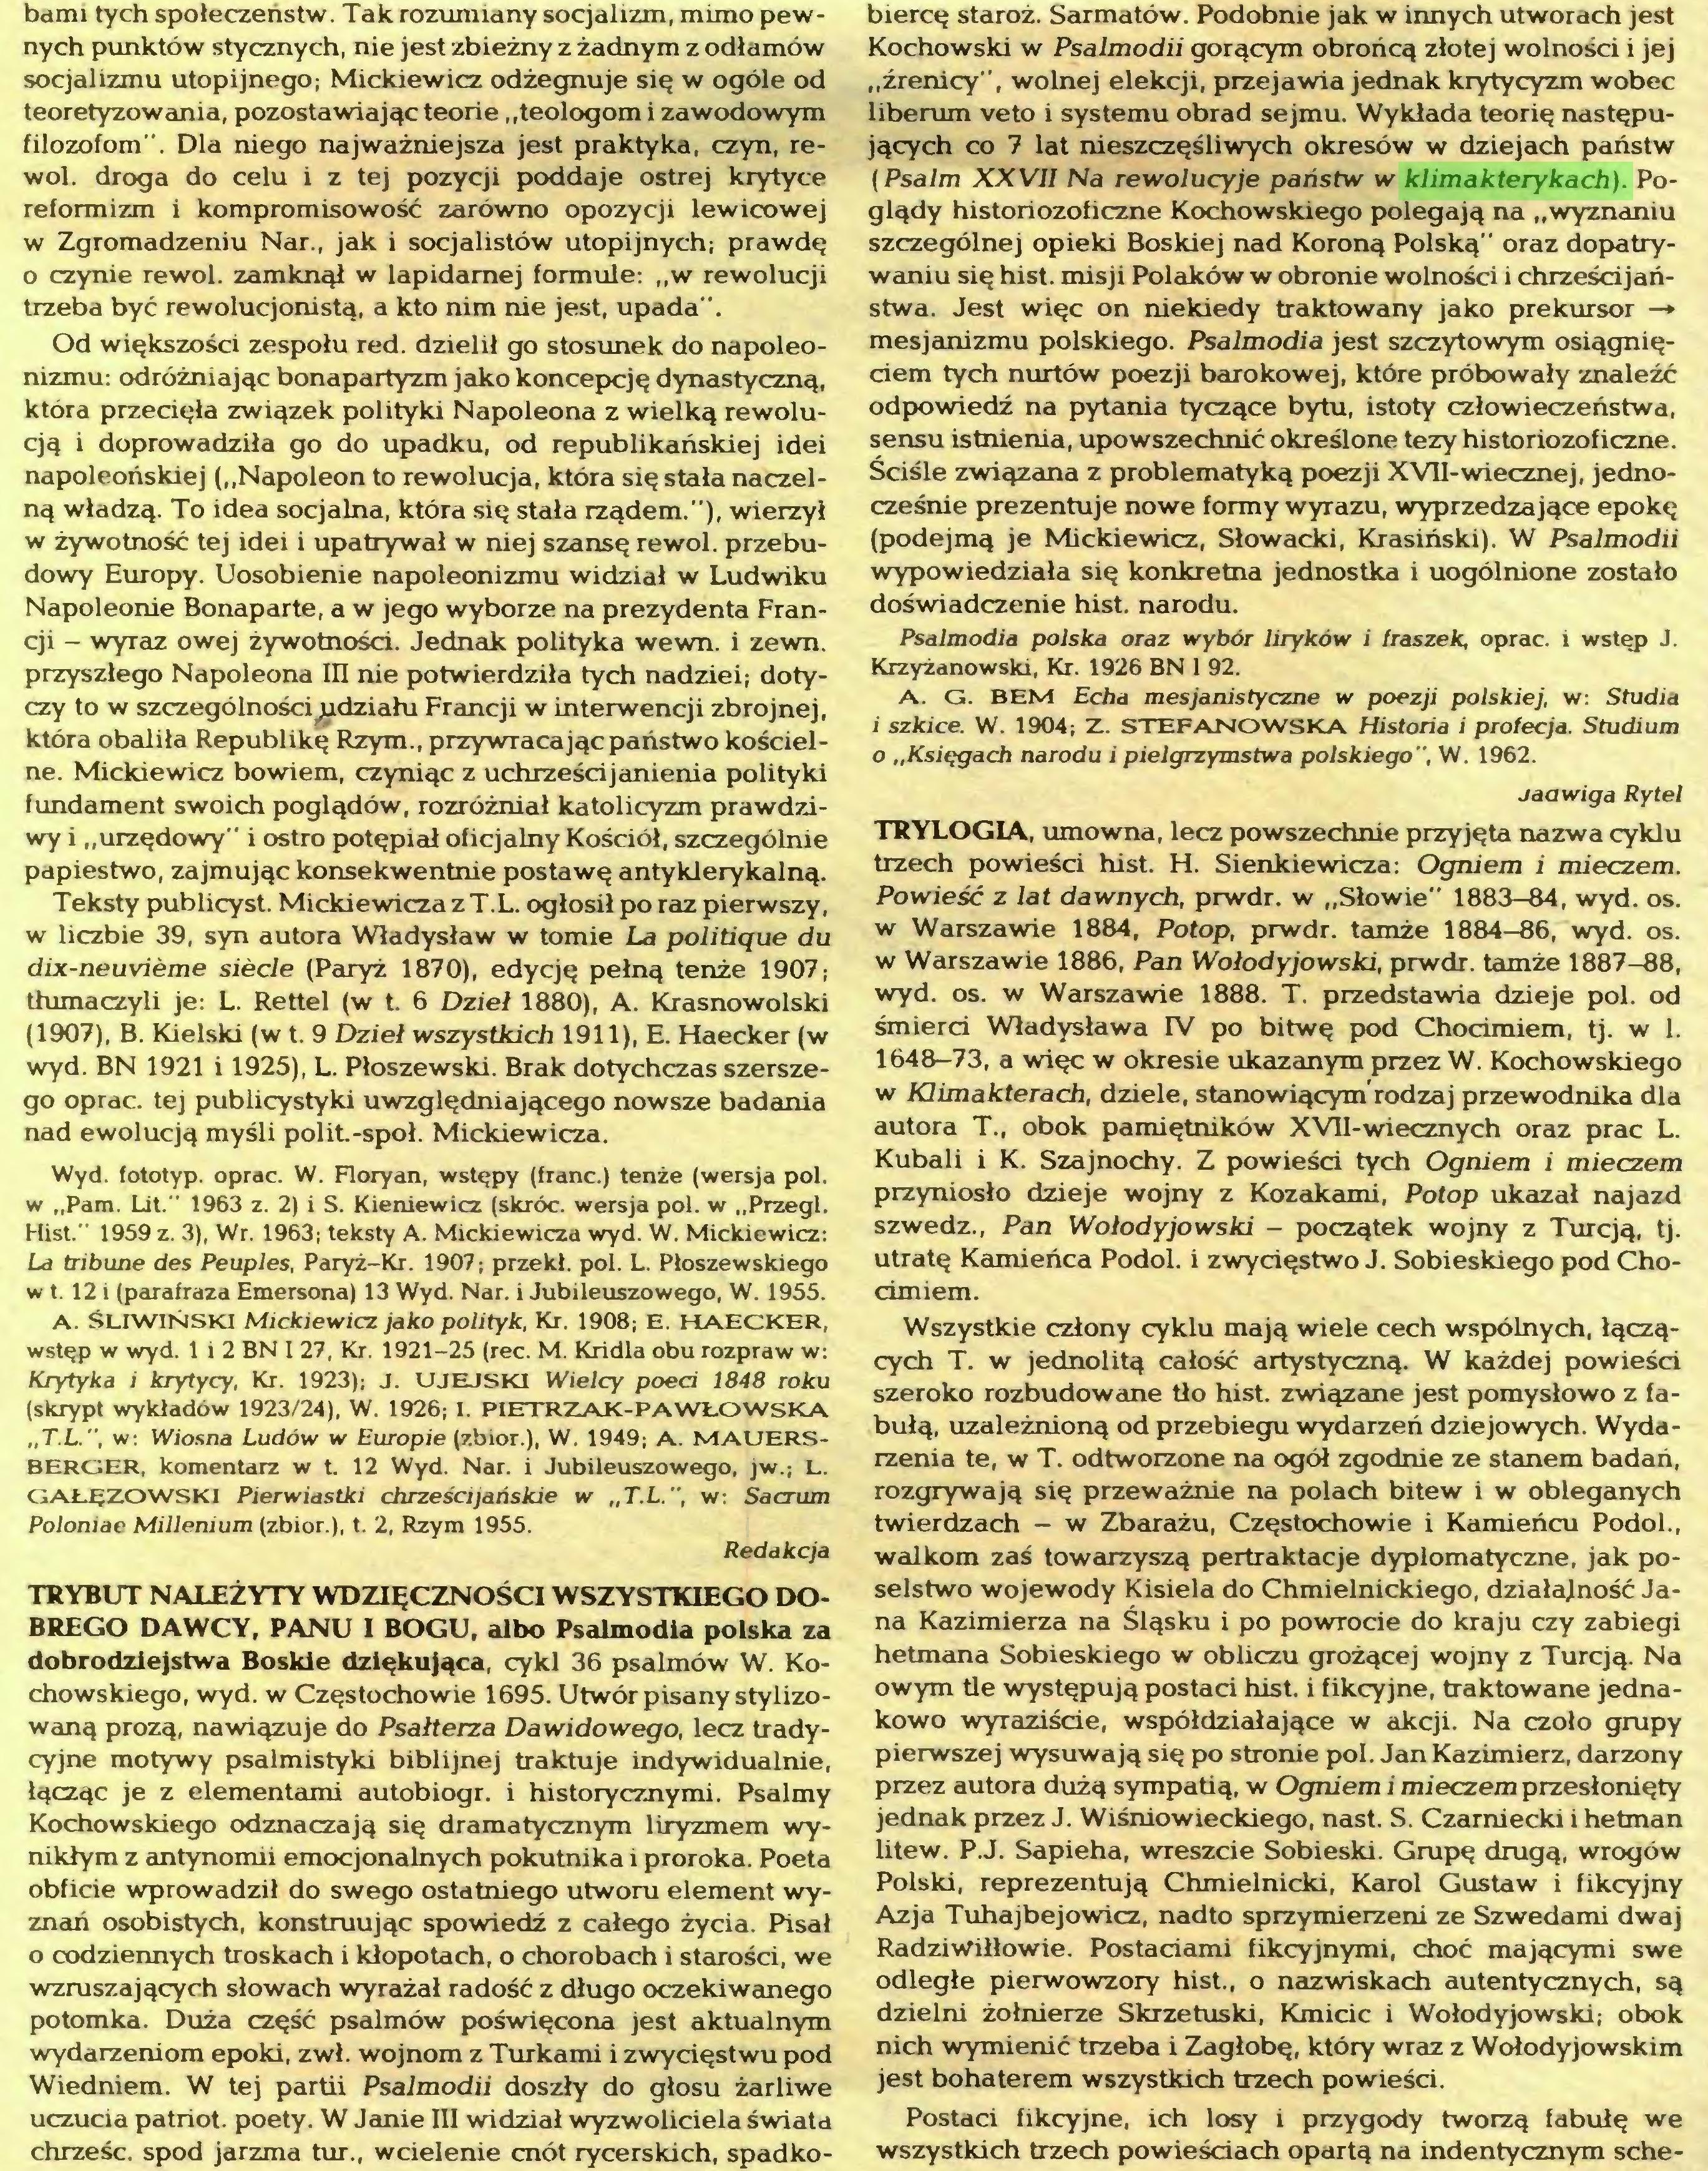 """(...) chrześc. spod jarzma tur., wcielenie cnót rycerskich, spadko¬ biercę staroż. Sarmatów. Podobnie jak w innych utworach jest Kochowski w Psalmodii gorącym obrońcą złotej wolności i jej """"źrenicy"""", wolnej elekcji, przejawia jednak krytycyzm wobec liberum veto i systemu obrad sejmu. Wykłada teorię następujących co 7 lat nieszczęśliwych okresów w dziejach państw (Psalm XXVII Na rewolucyje państw w klimakterykach). Poglądy historiozoficzne Kochowskiego polegają na """"wyznaniu szczególnej opieki Boskiej nad Koroną Polską"""" oraz dopatrywaniu się hist. misji Polaków w obronie wolności i chrześcijań..."""